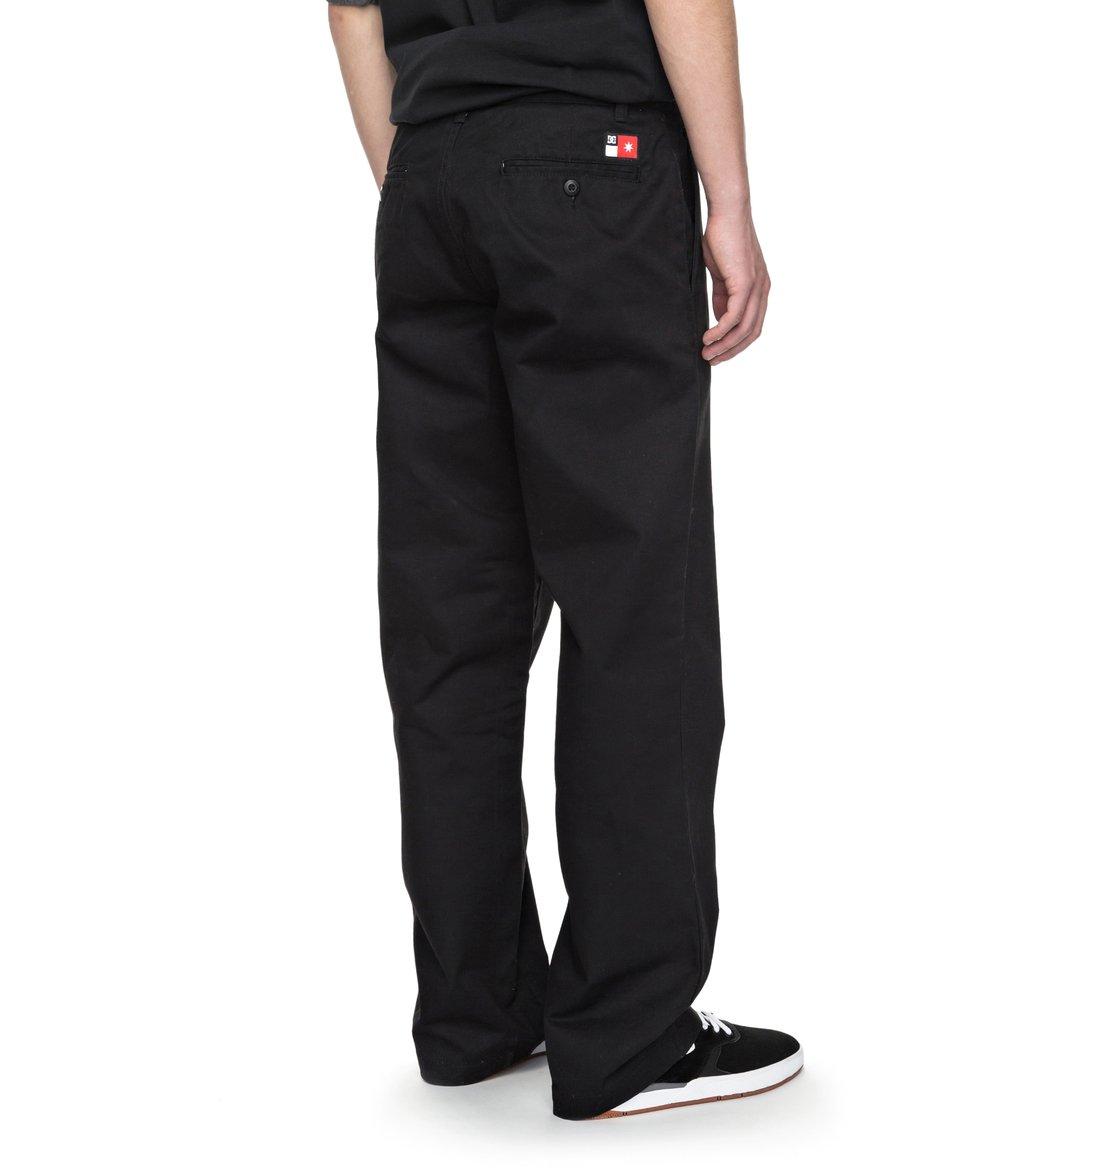 dc shoes Core All Season - Pantaloni da skate da Uomo - Black - DC Shoes